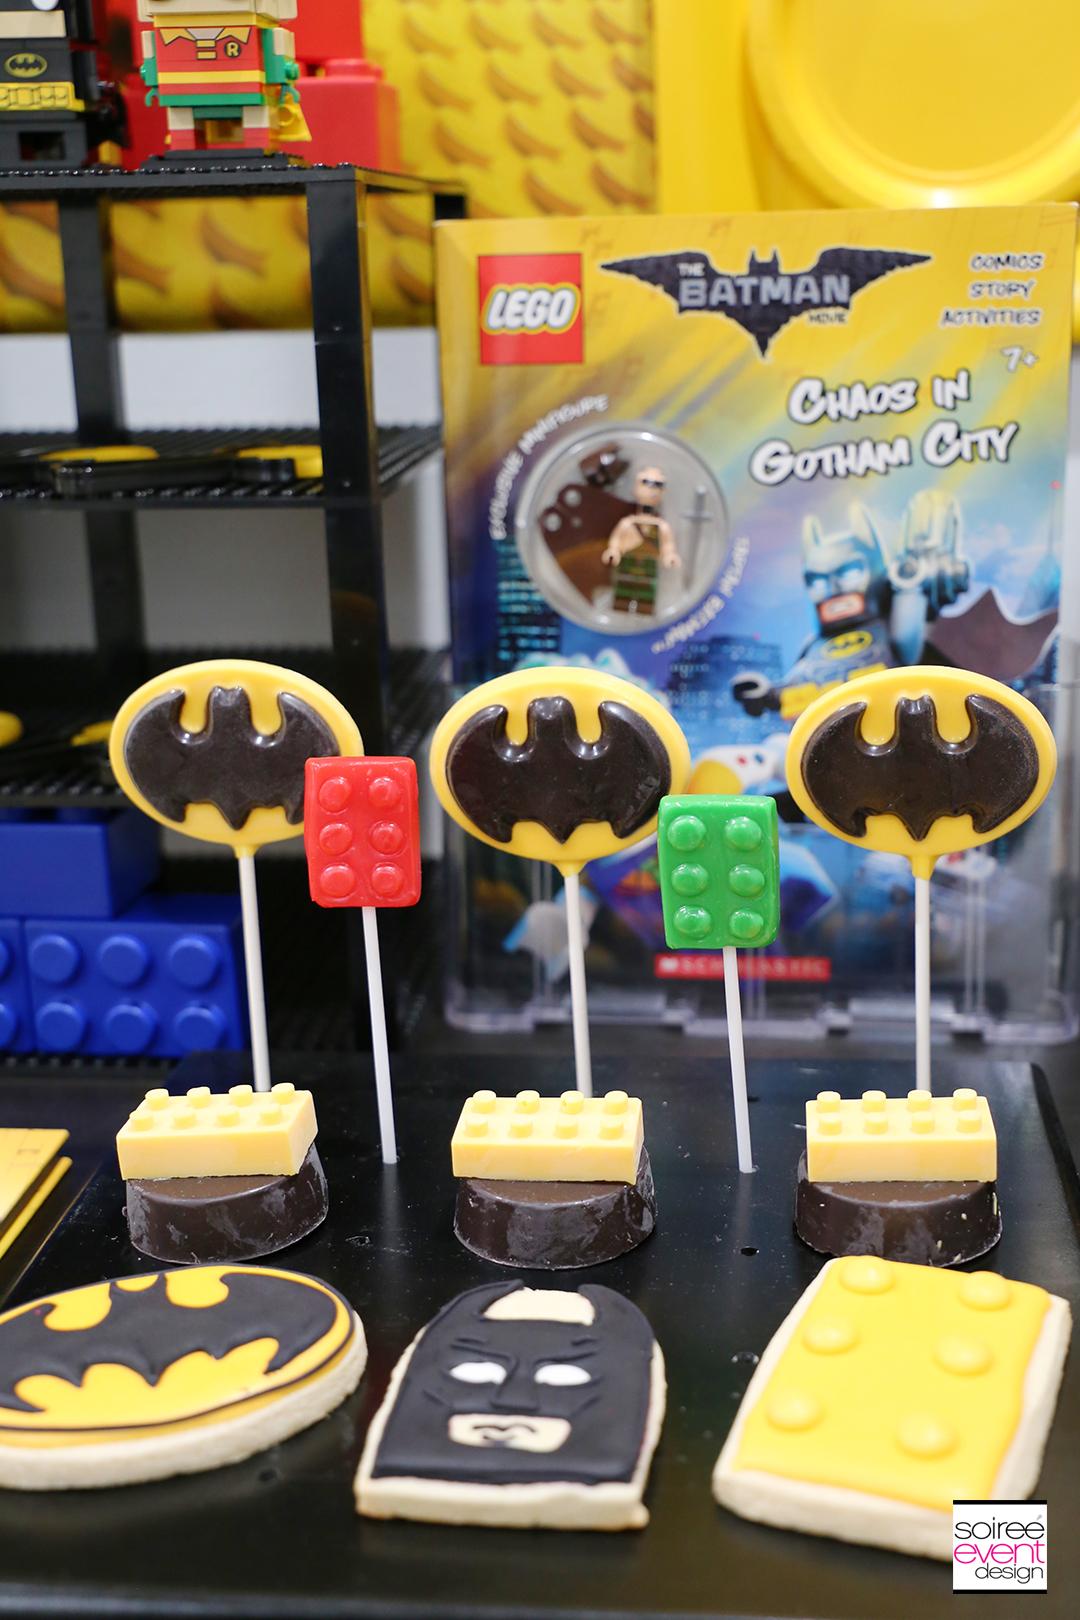 Lego Batman Party Ideas - Batman Desserts